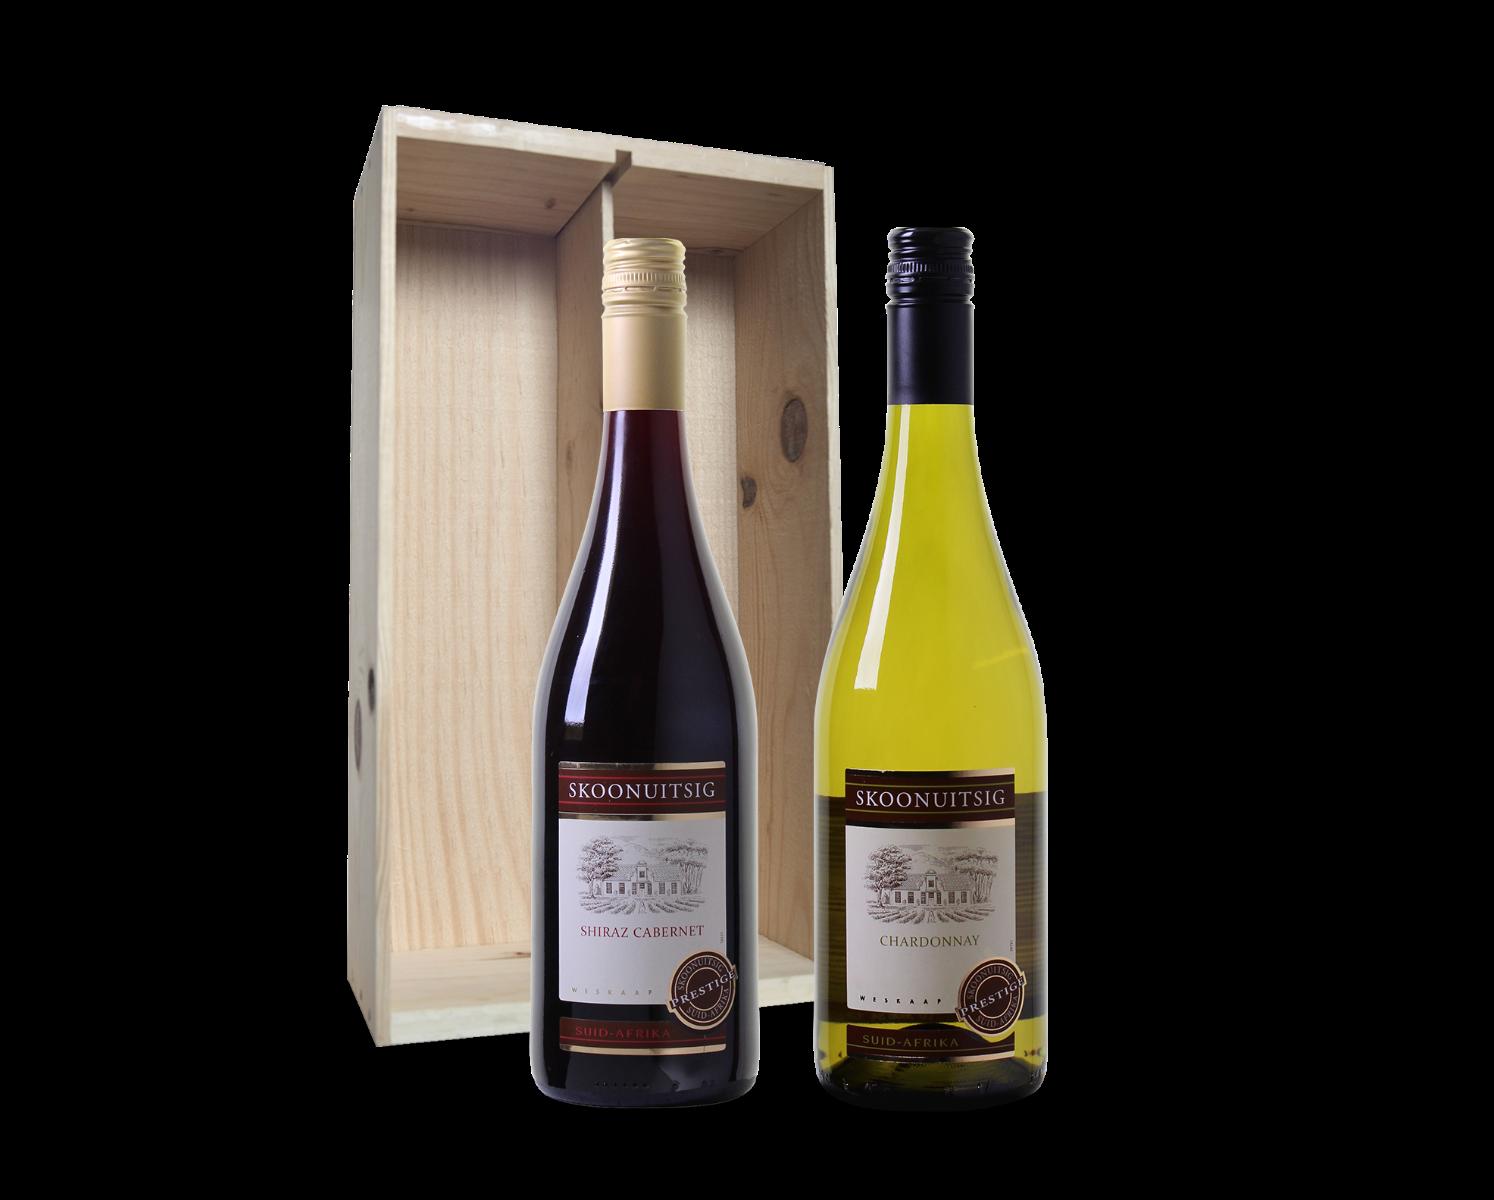 Wijnkist Skoonuitsig wijnvoordeel.nl